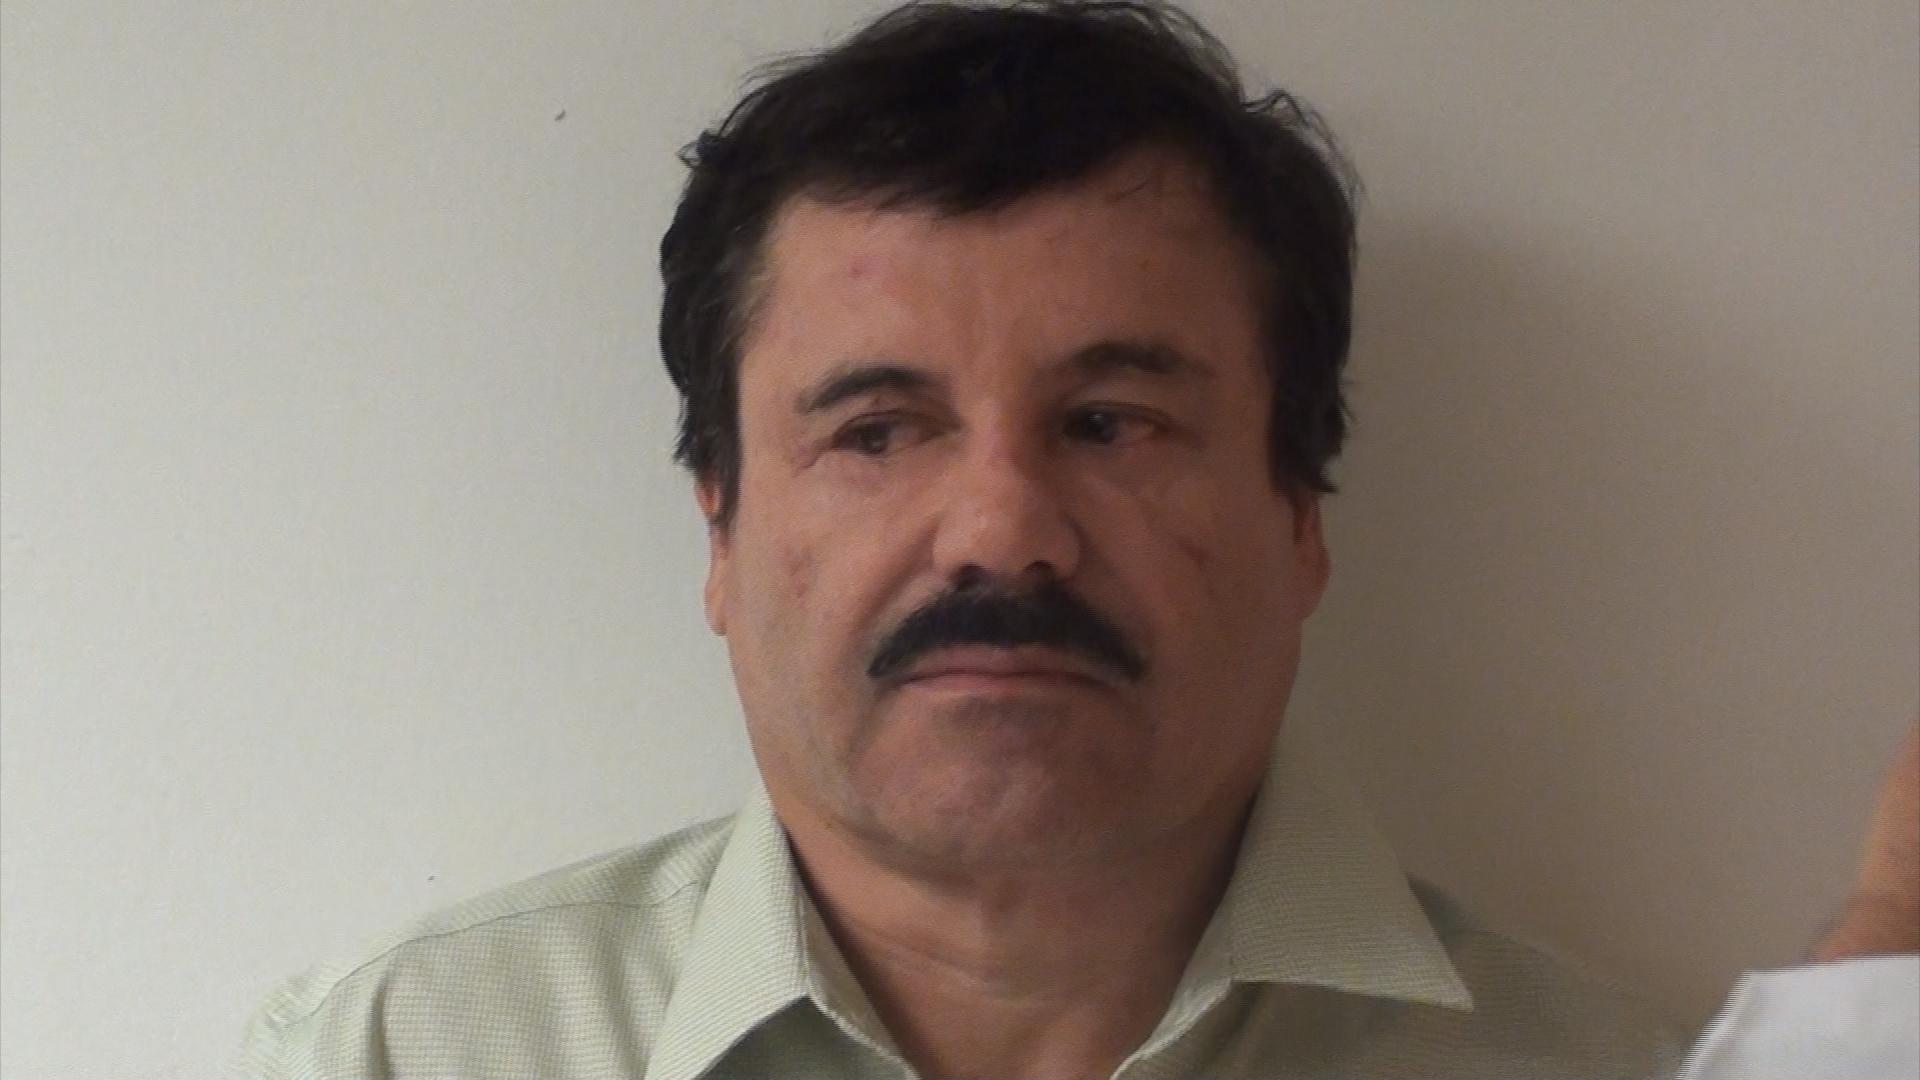 Chapo Guzman